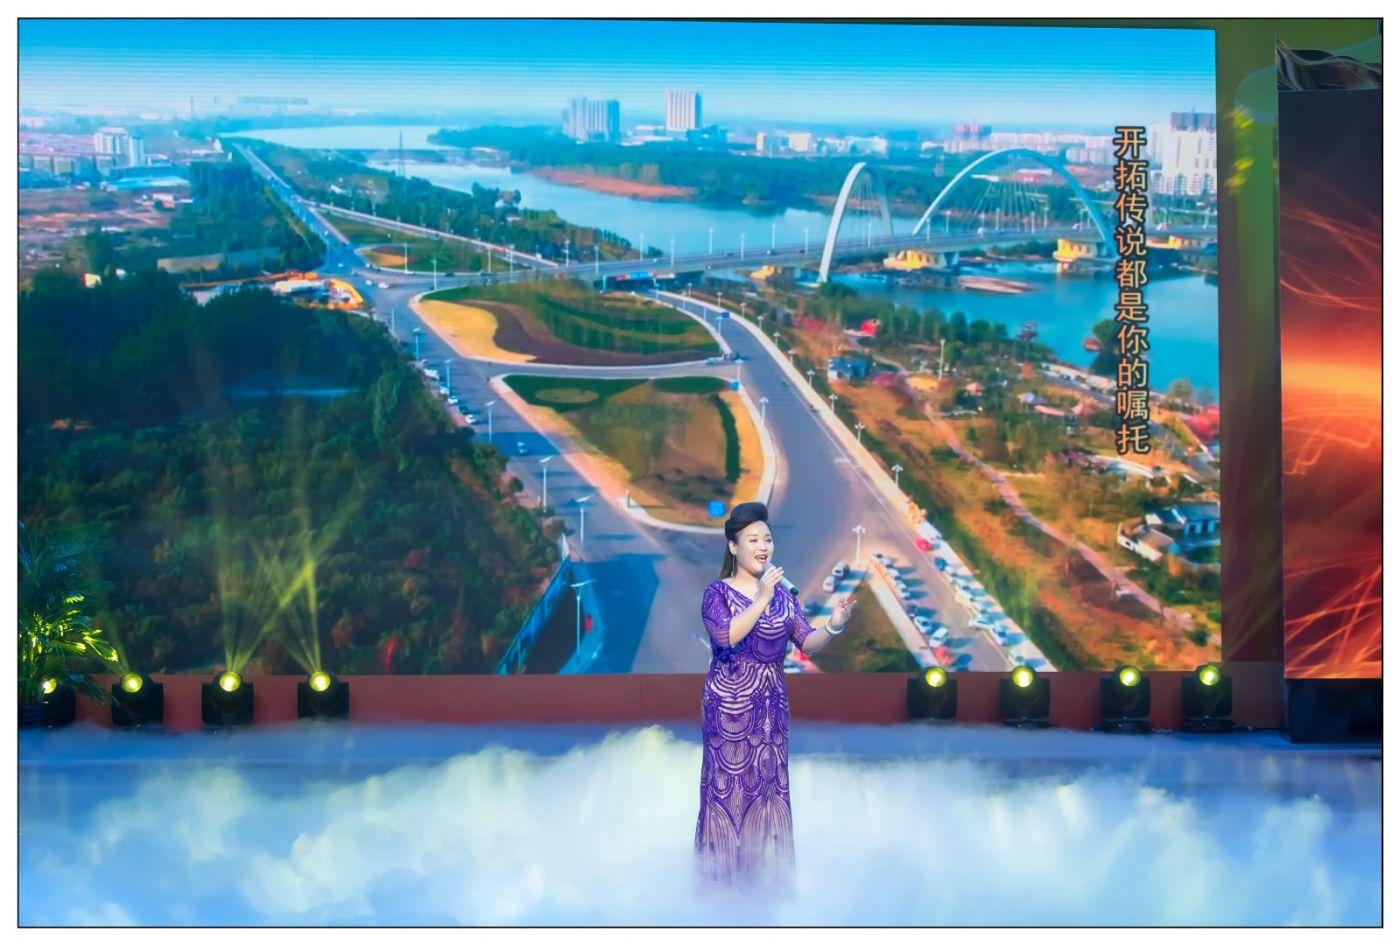 临沂姑娘杨妮妮曾感动春晚总动员 今晚在临沂电视台大放异彩 ..._图1-10